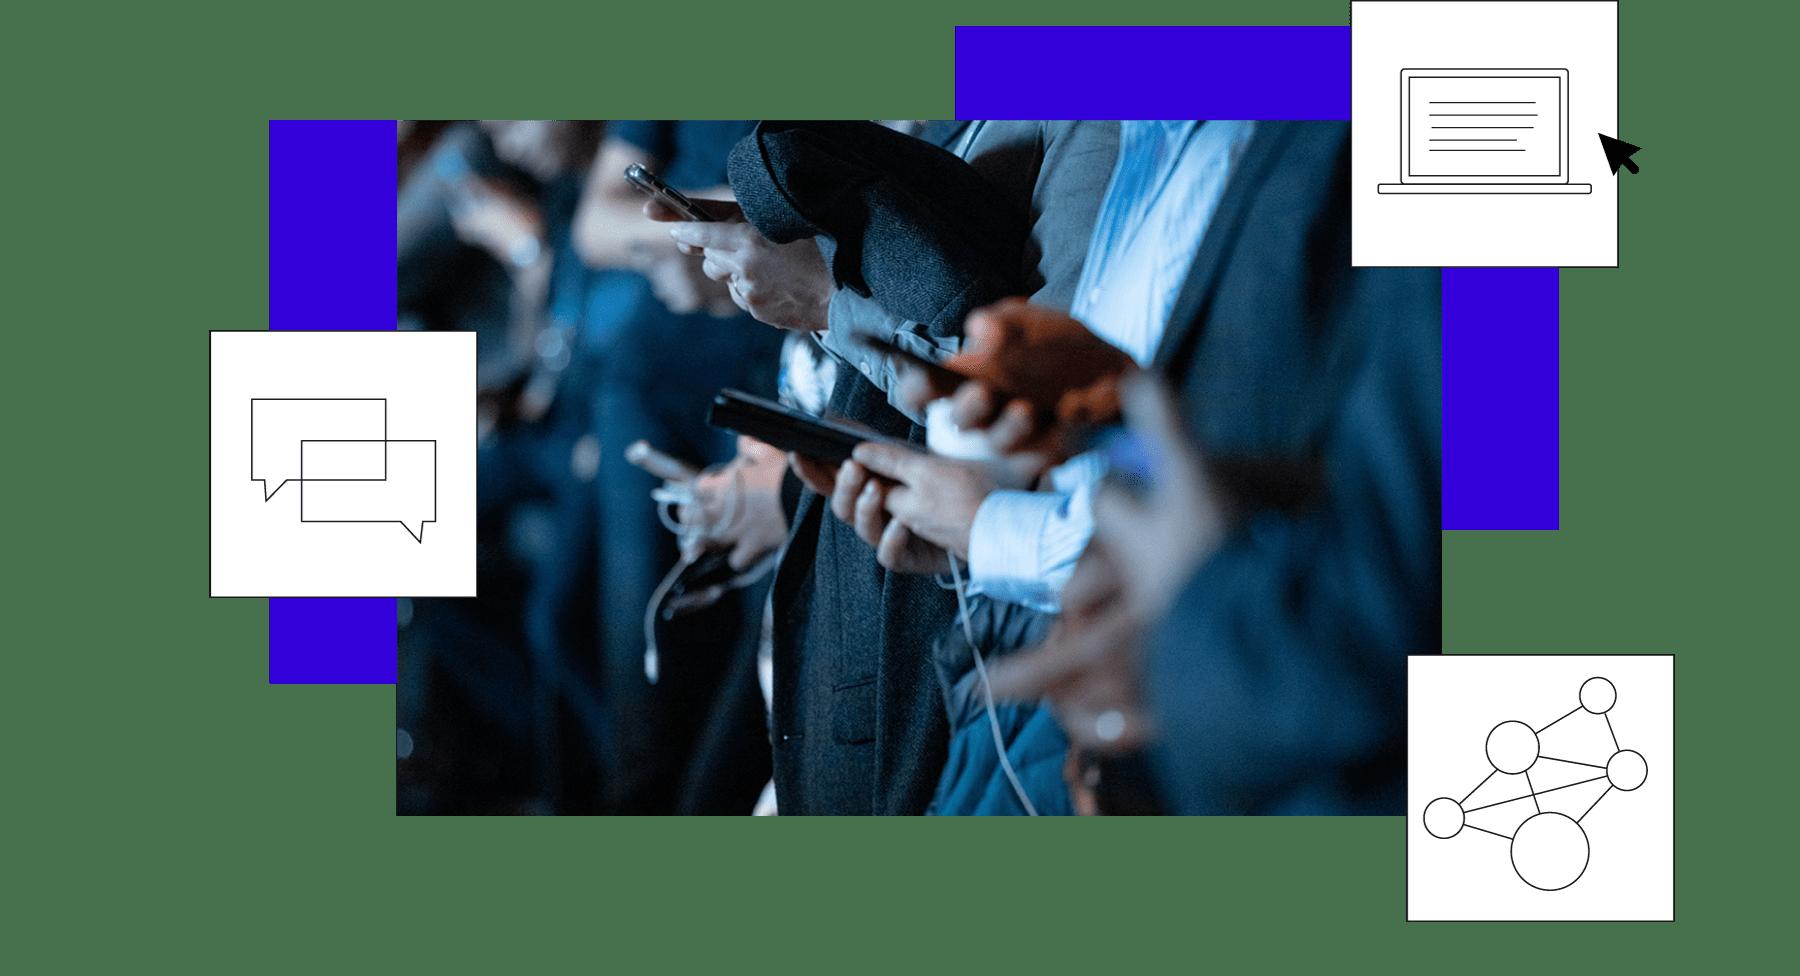 Bild von Menschen mit Smartphones